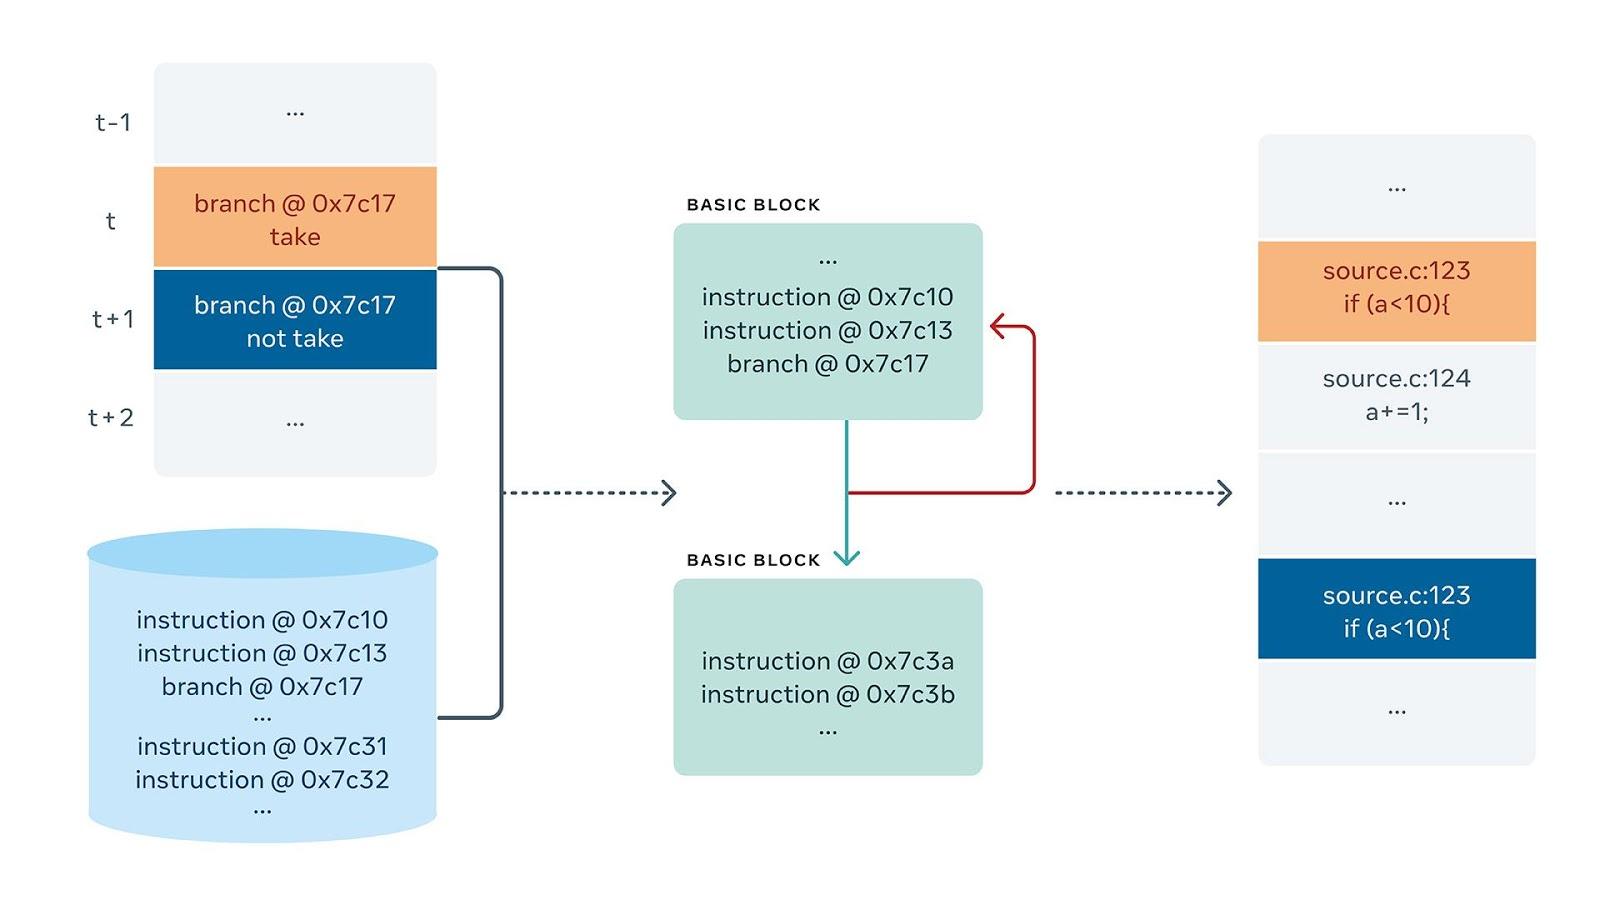 Трассировка в первую очередь содержит информацию о том, какие ветки были захвачены, а какие — нет. Мы сравниваем эту информацию со всеми инструкциями из исходного двоичного файла и восстанавливаем инструкции, которые были выполнены программой. Позже с помощью стека символизации LLDB мы можем получить соответствующую информацию об исходном коде и показать её инженеру в удобочитаемом виде.